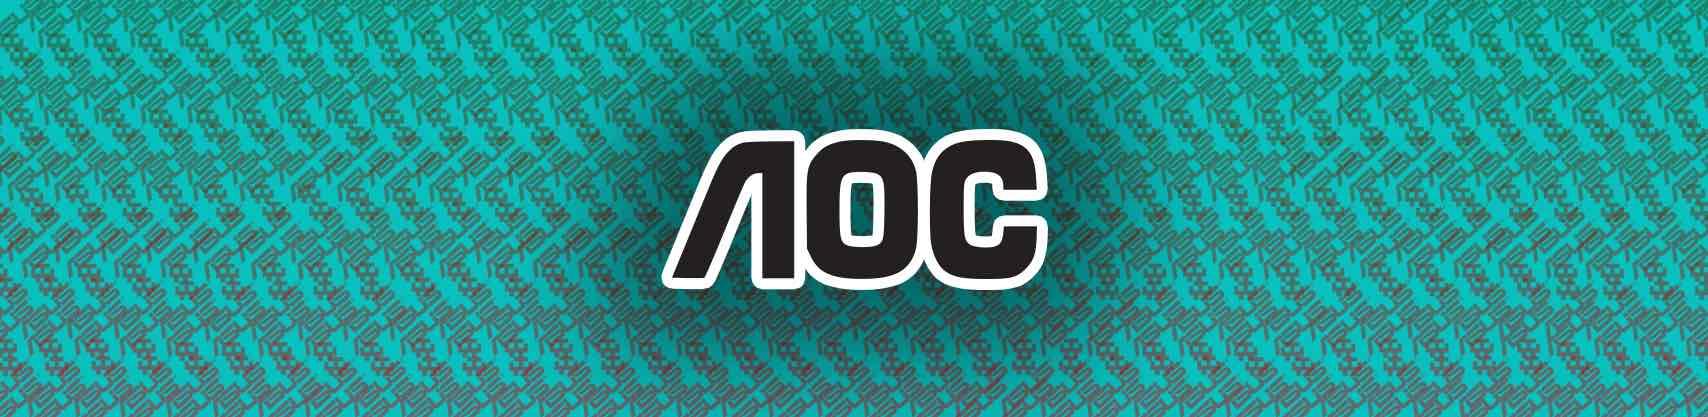 AOC E2343F Manual